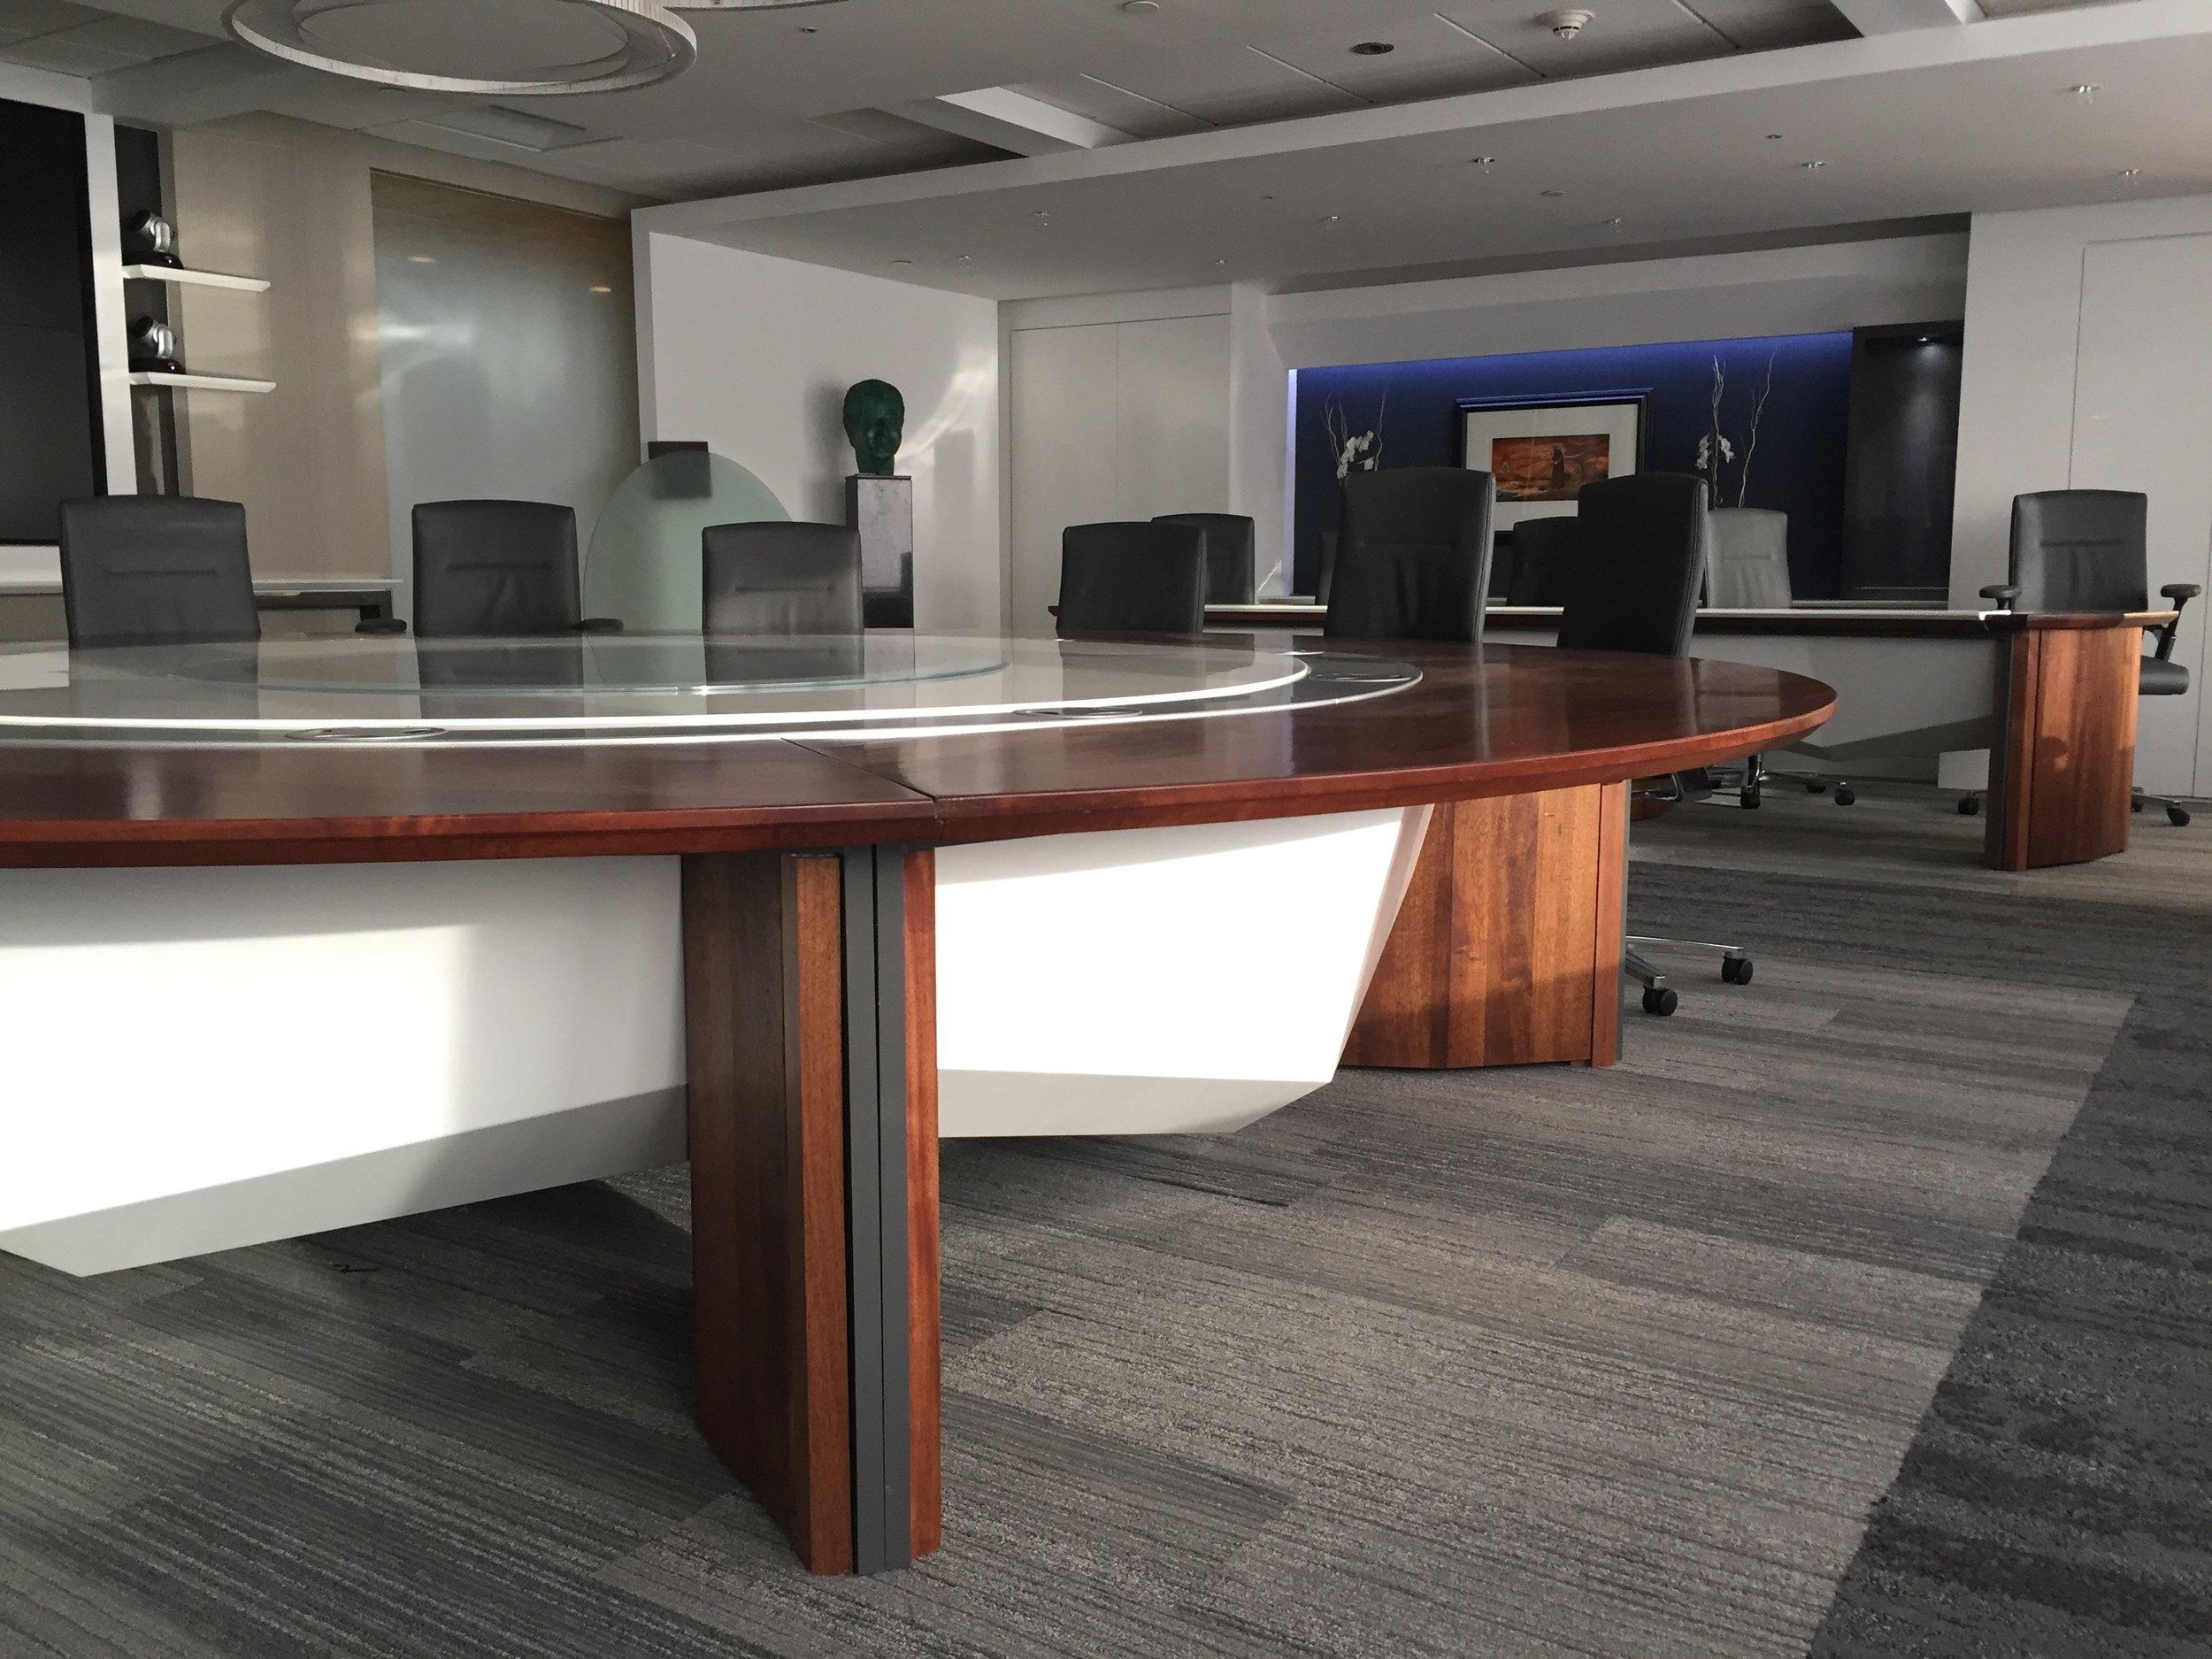 Banco Popular de Puerto Rico, Board of Directors' conference room. 2017